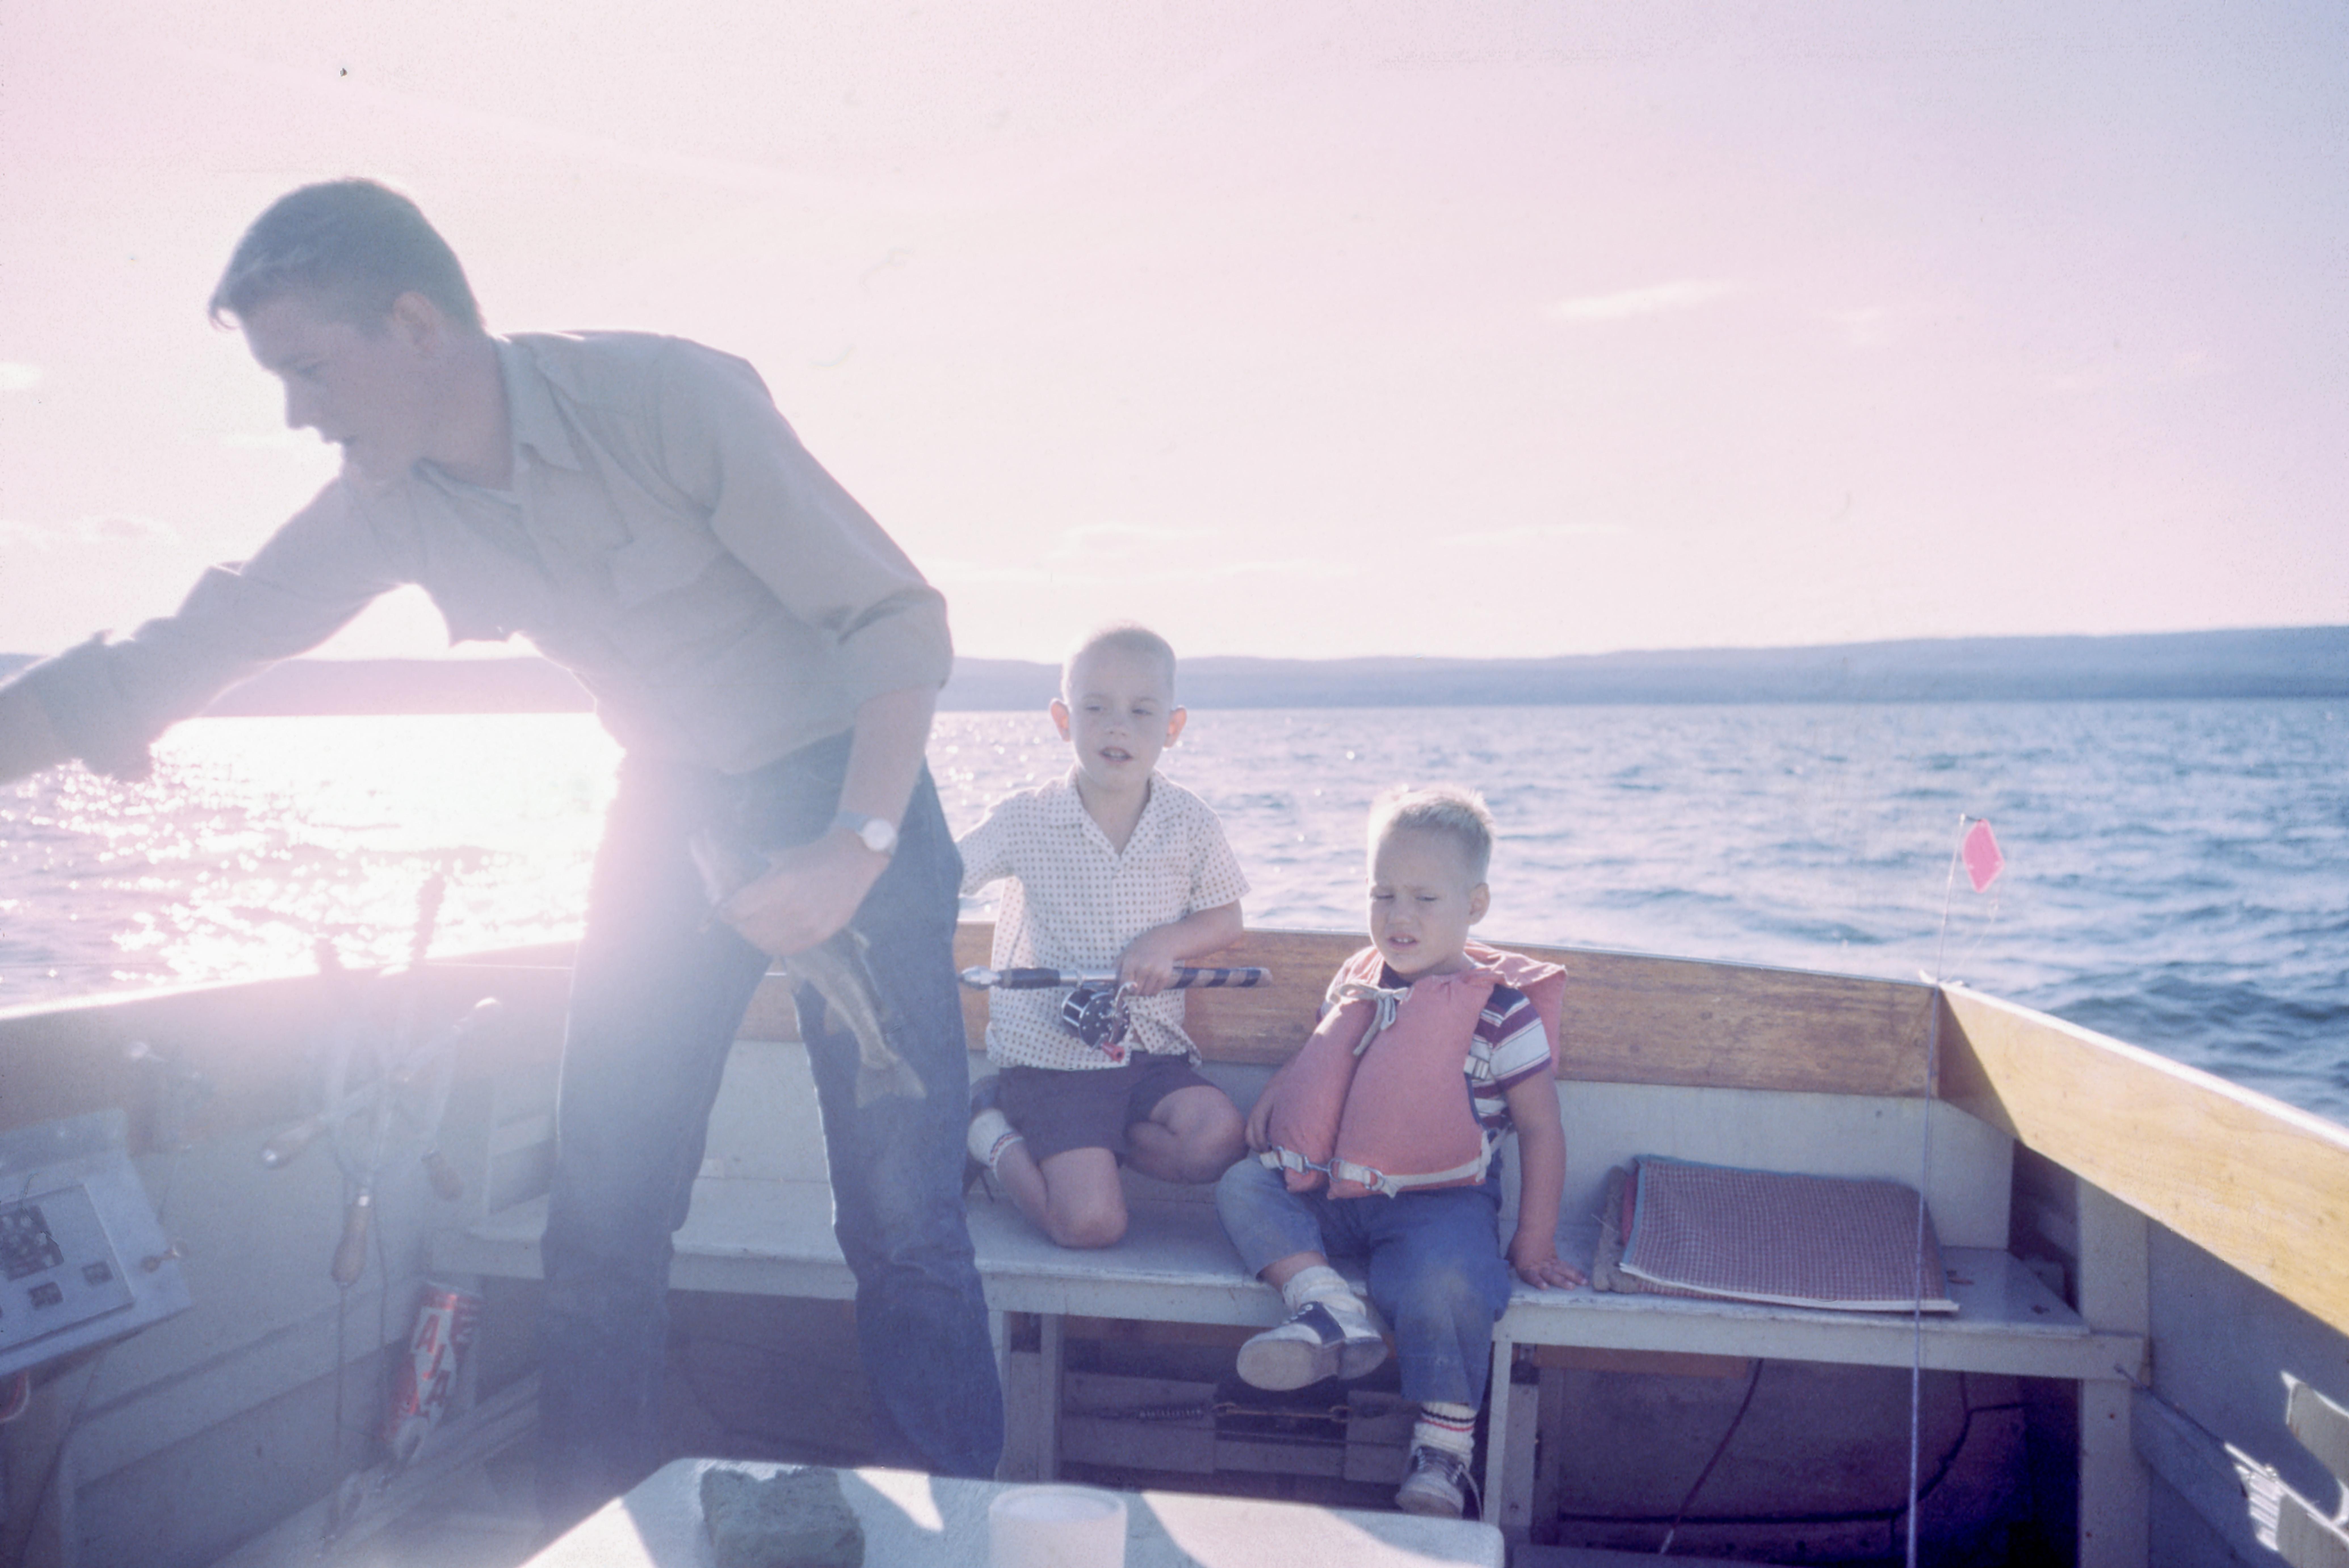 Kaip šeimai įsimintinai praleisti vasarą, kai biudžetas ribotas?